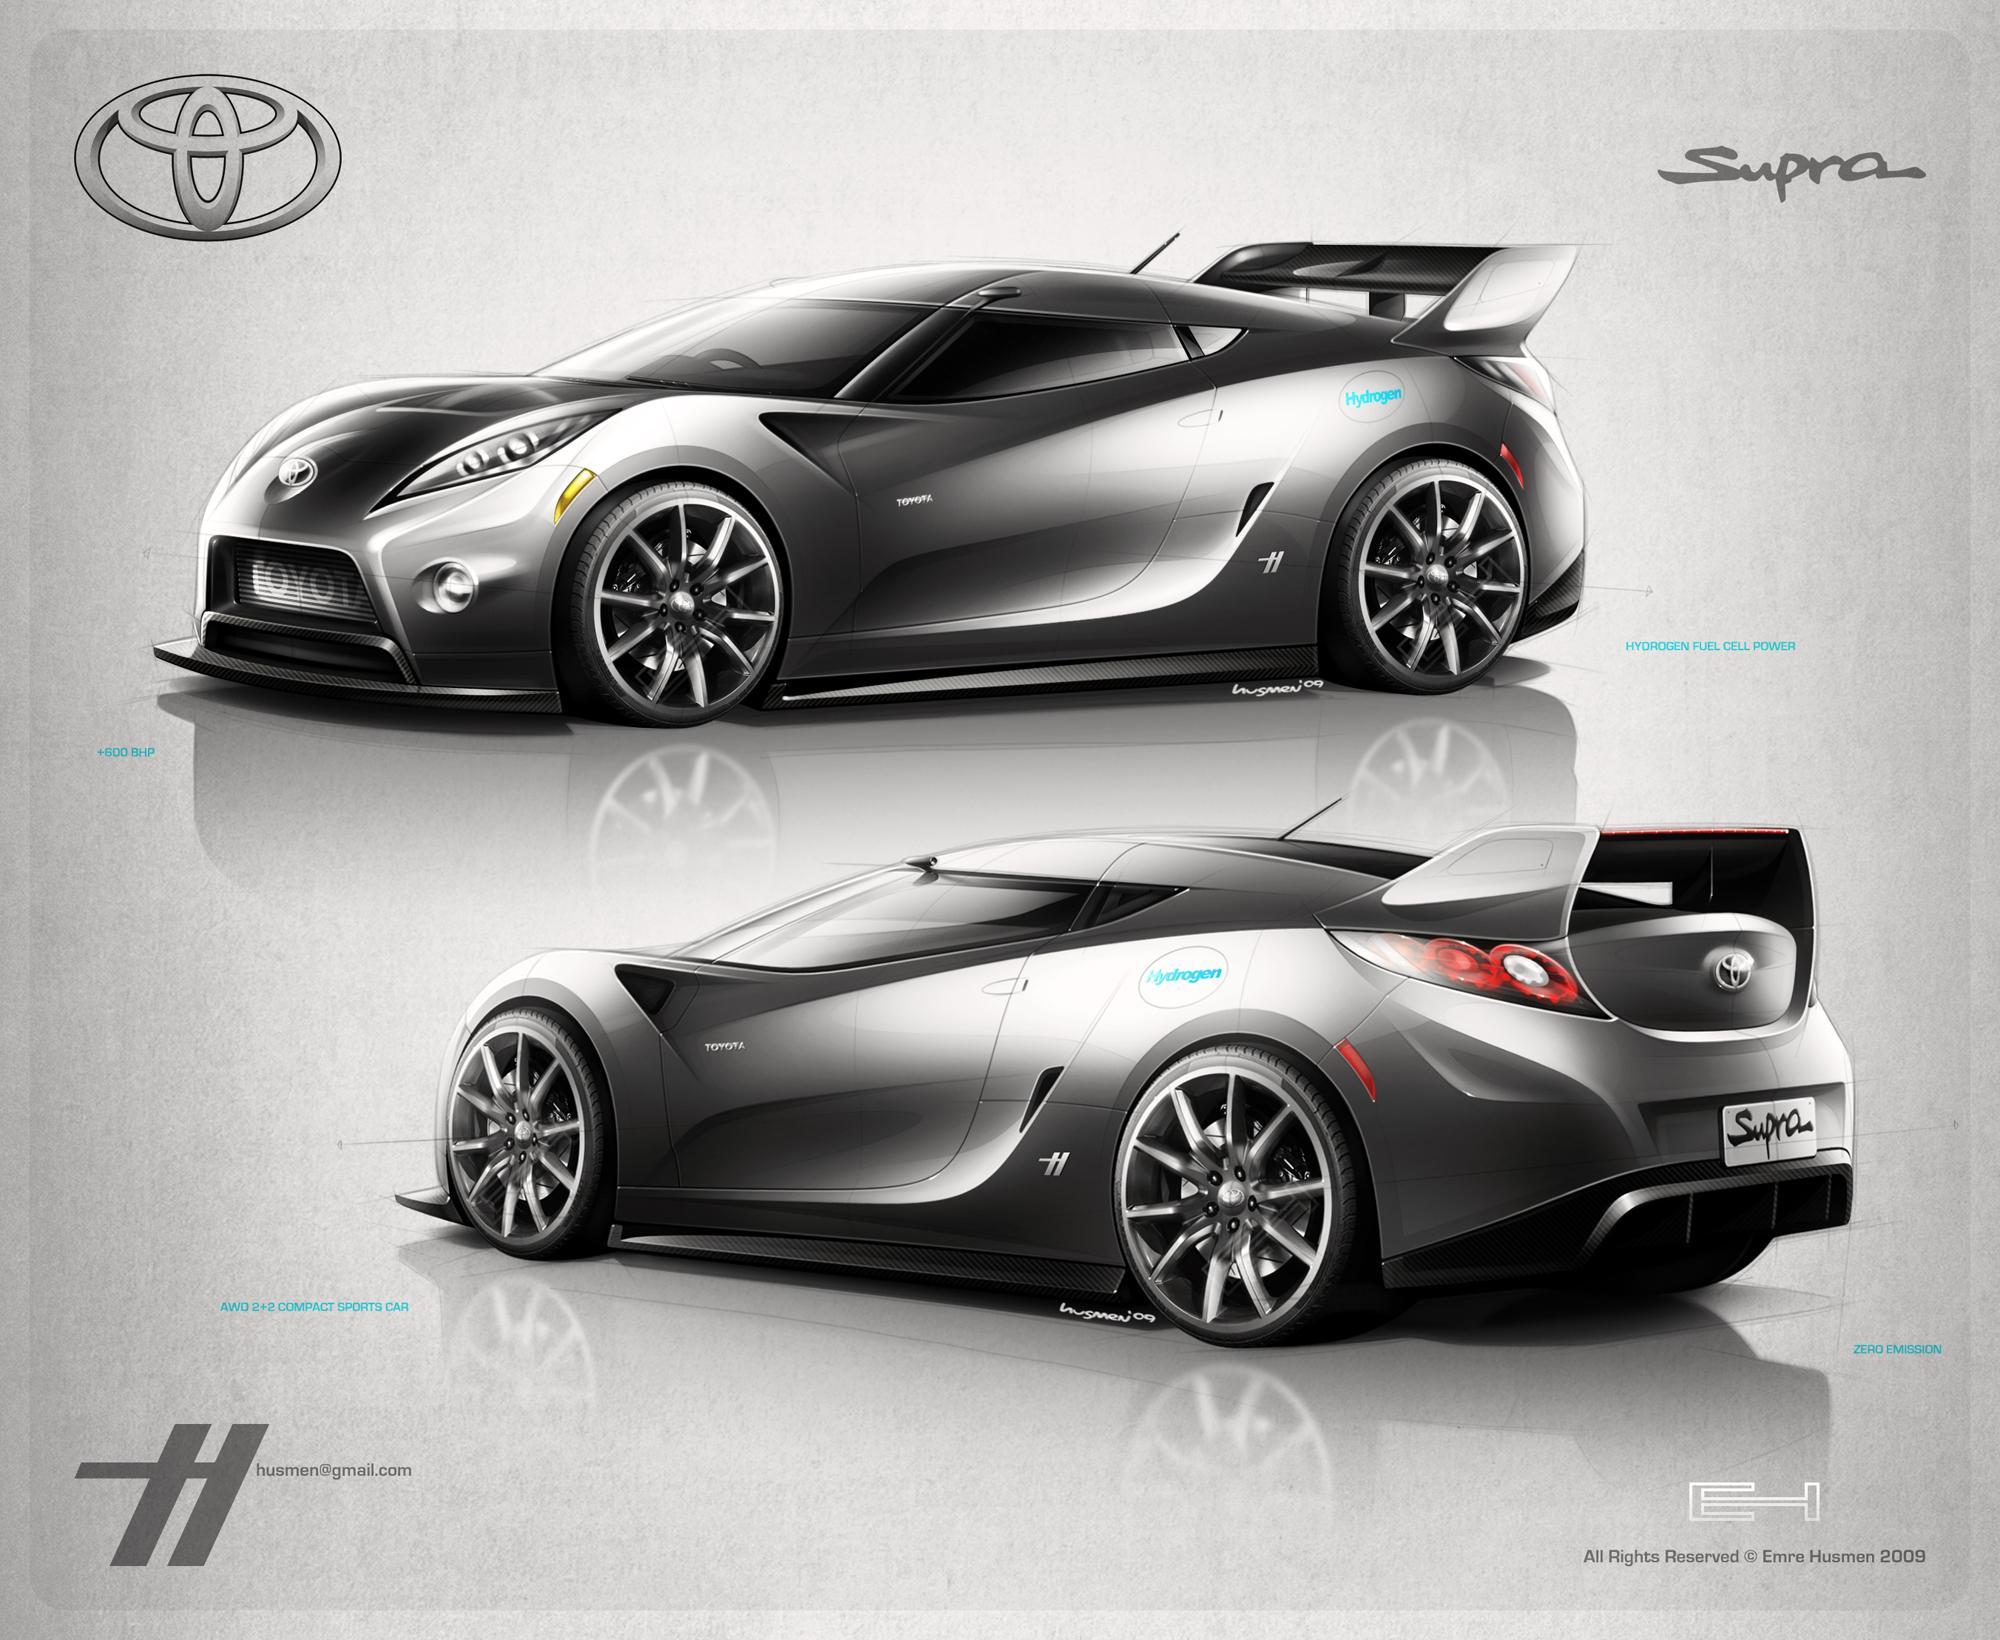 2012 toyota supra concept by emrehusmen on deviantart